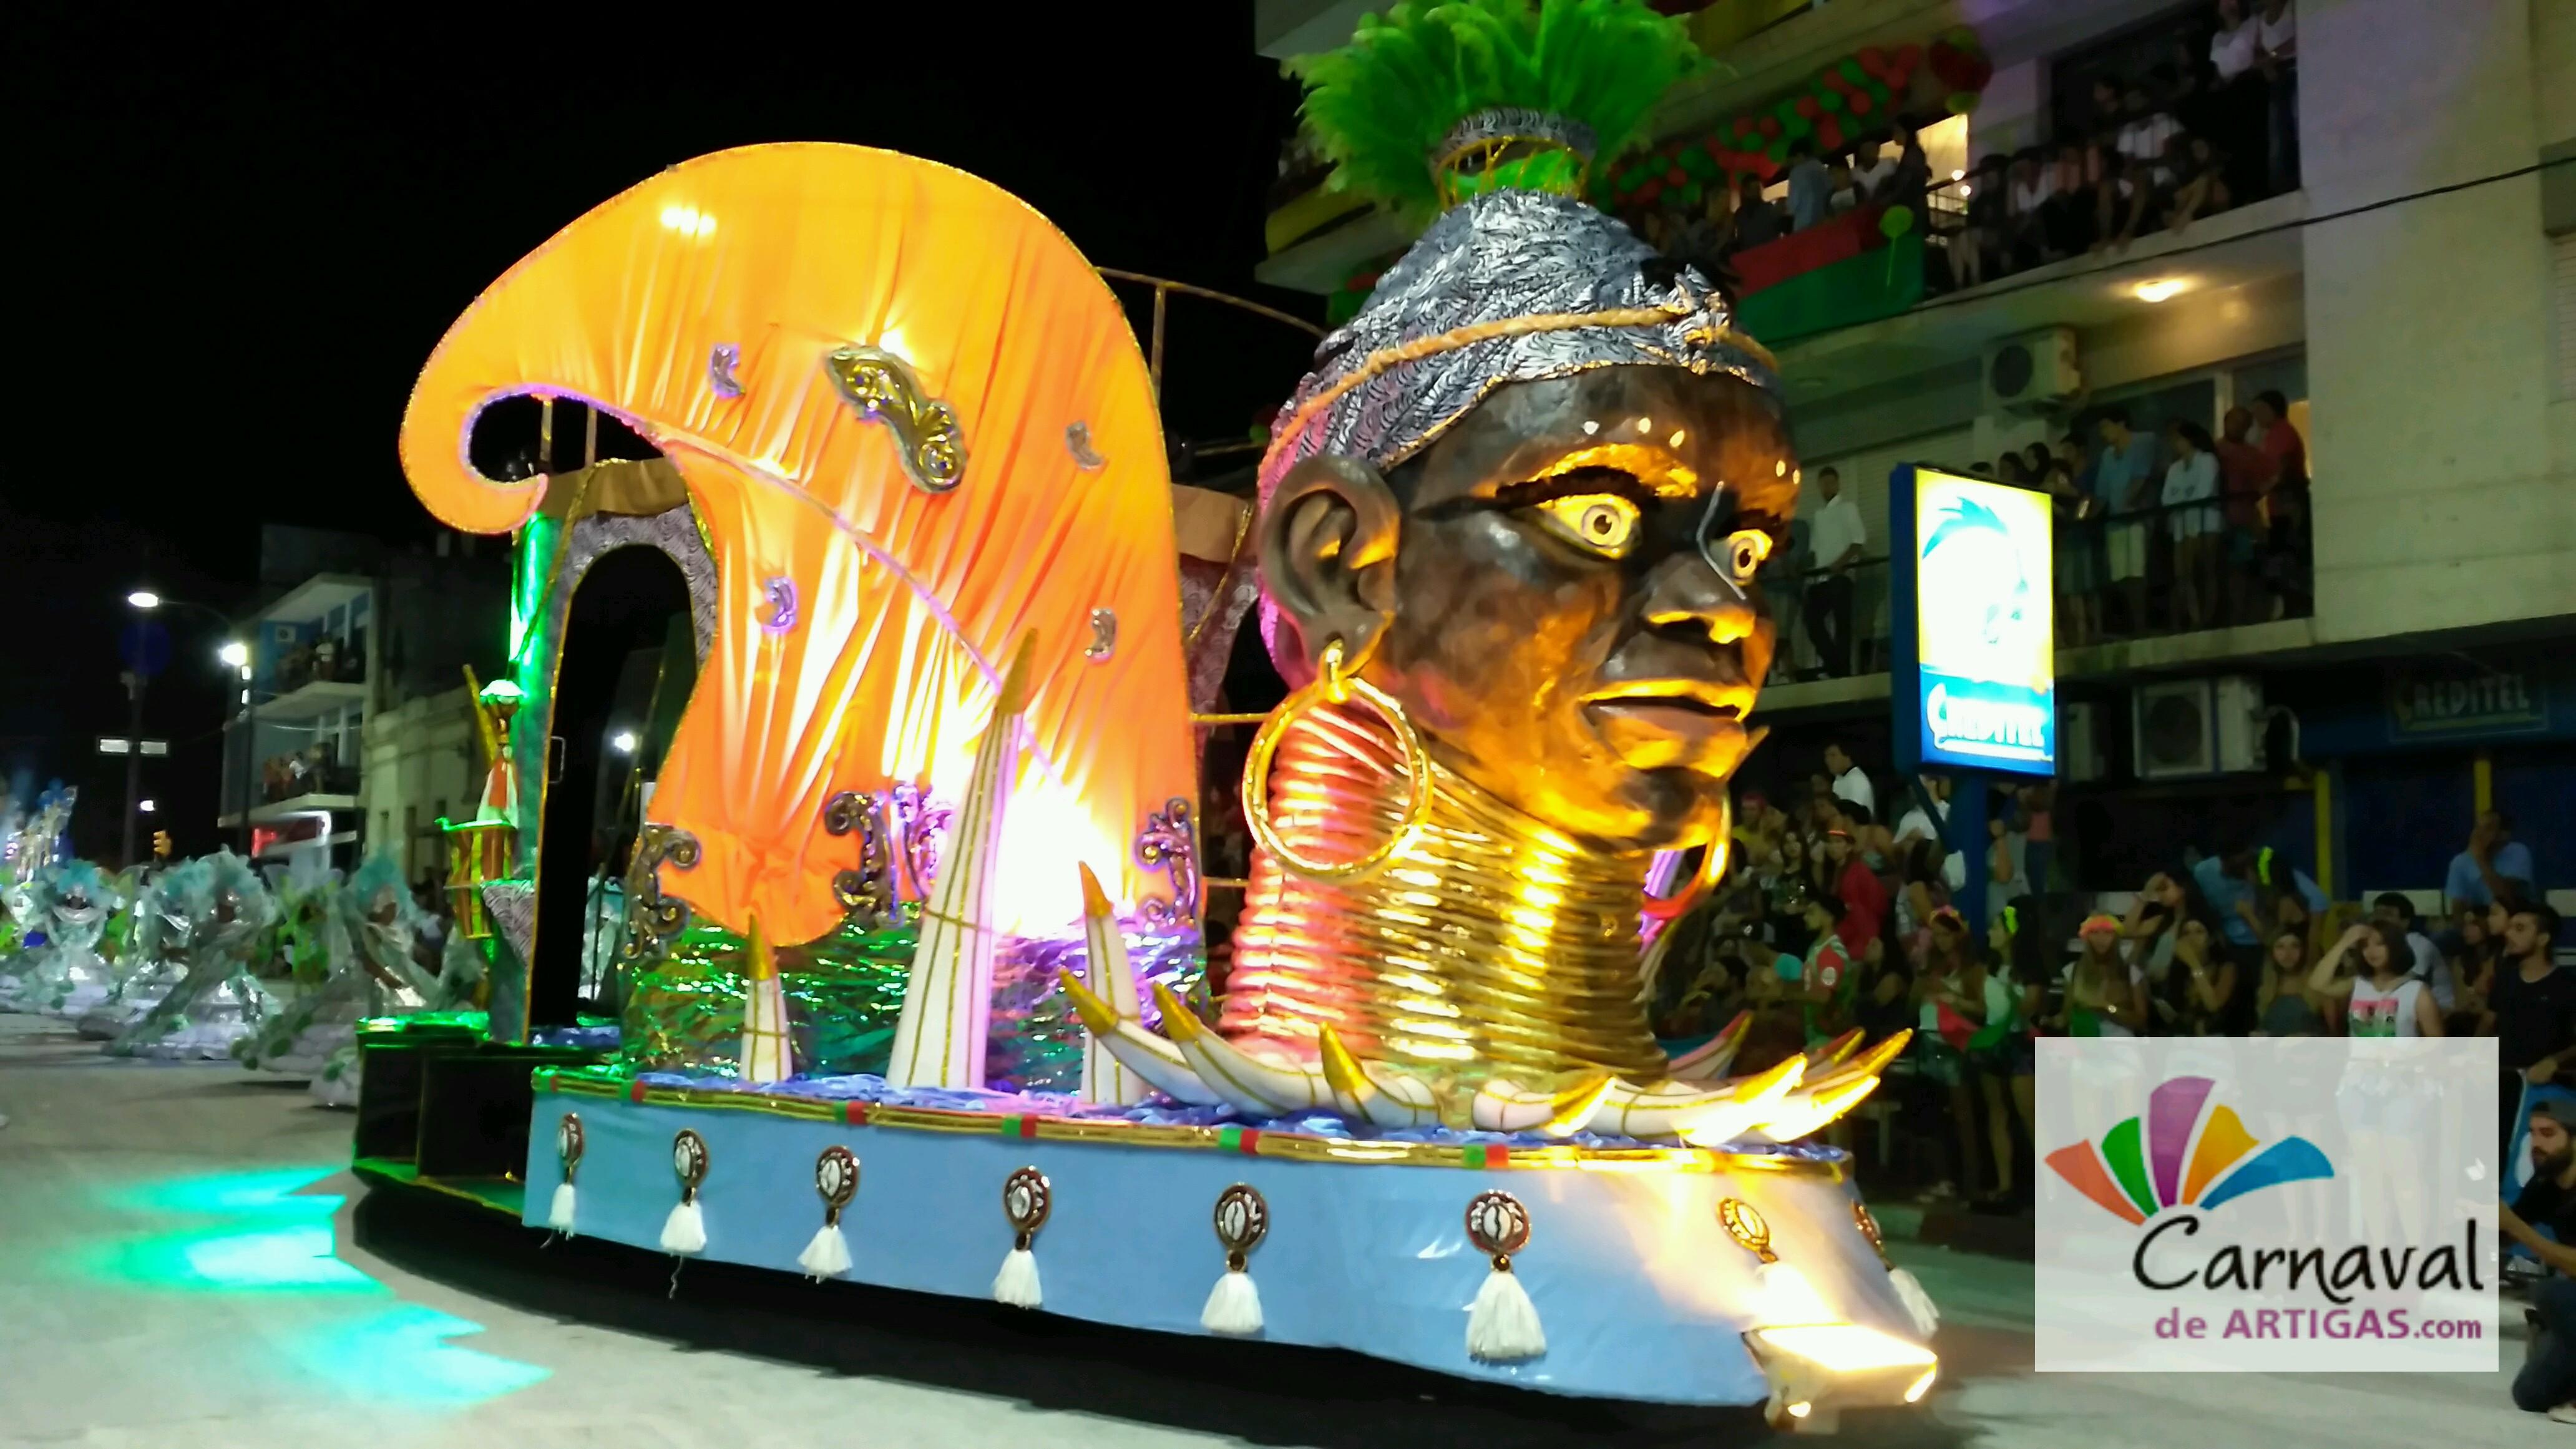 Escuela de Samba Barrio Rampla es la Ganadora del Carnaval de Artigas 2017